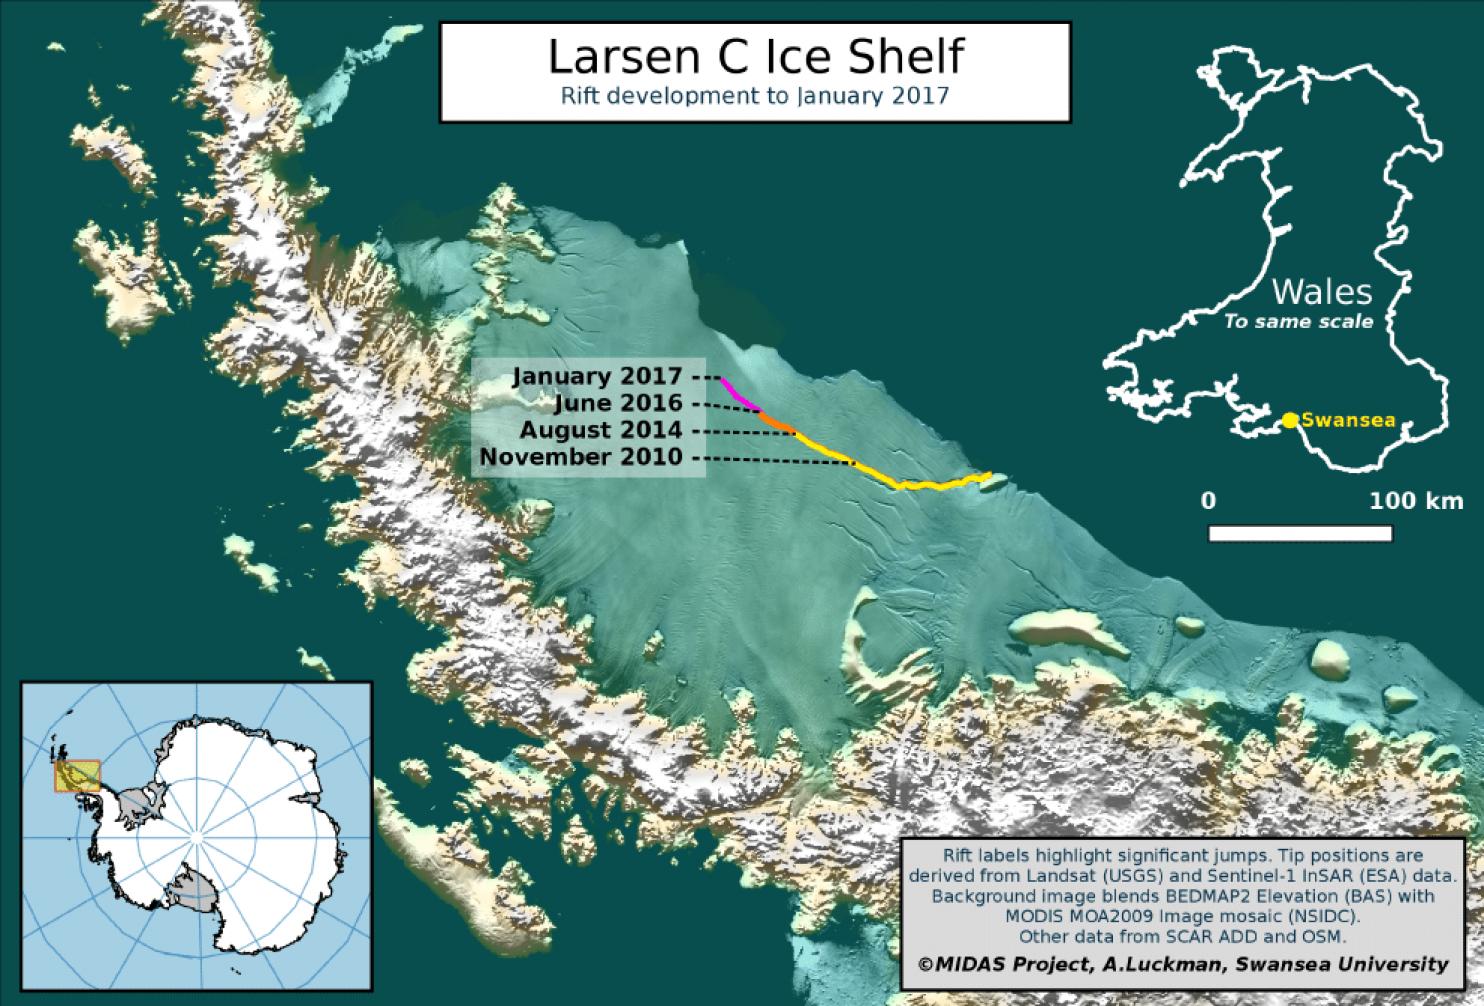 En antarctique une norme fissure dans la glace qui - Frigo qui fait de la glace ...